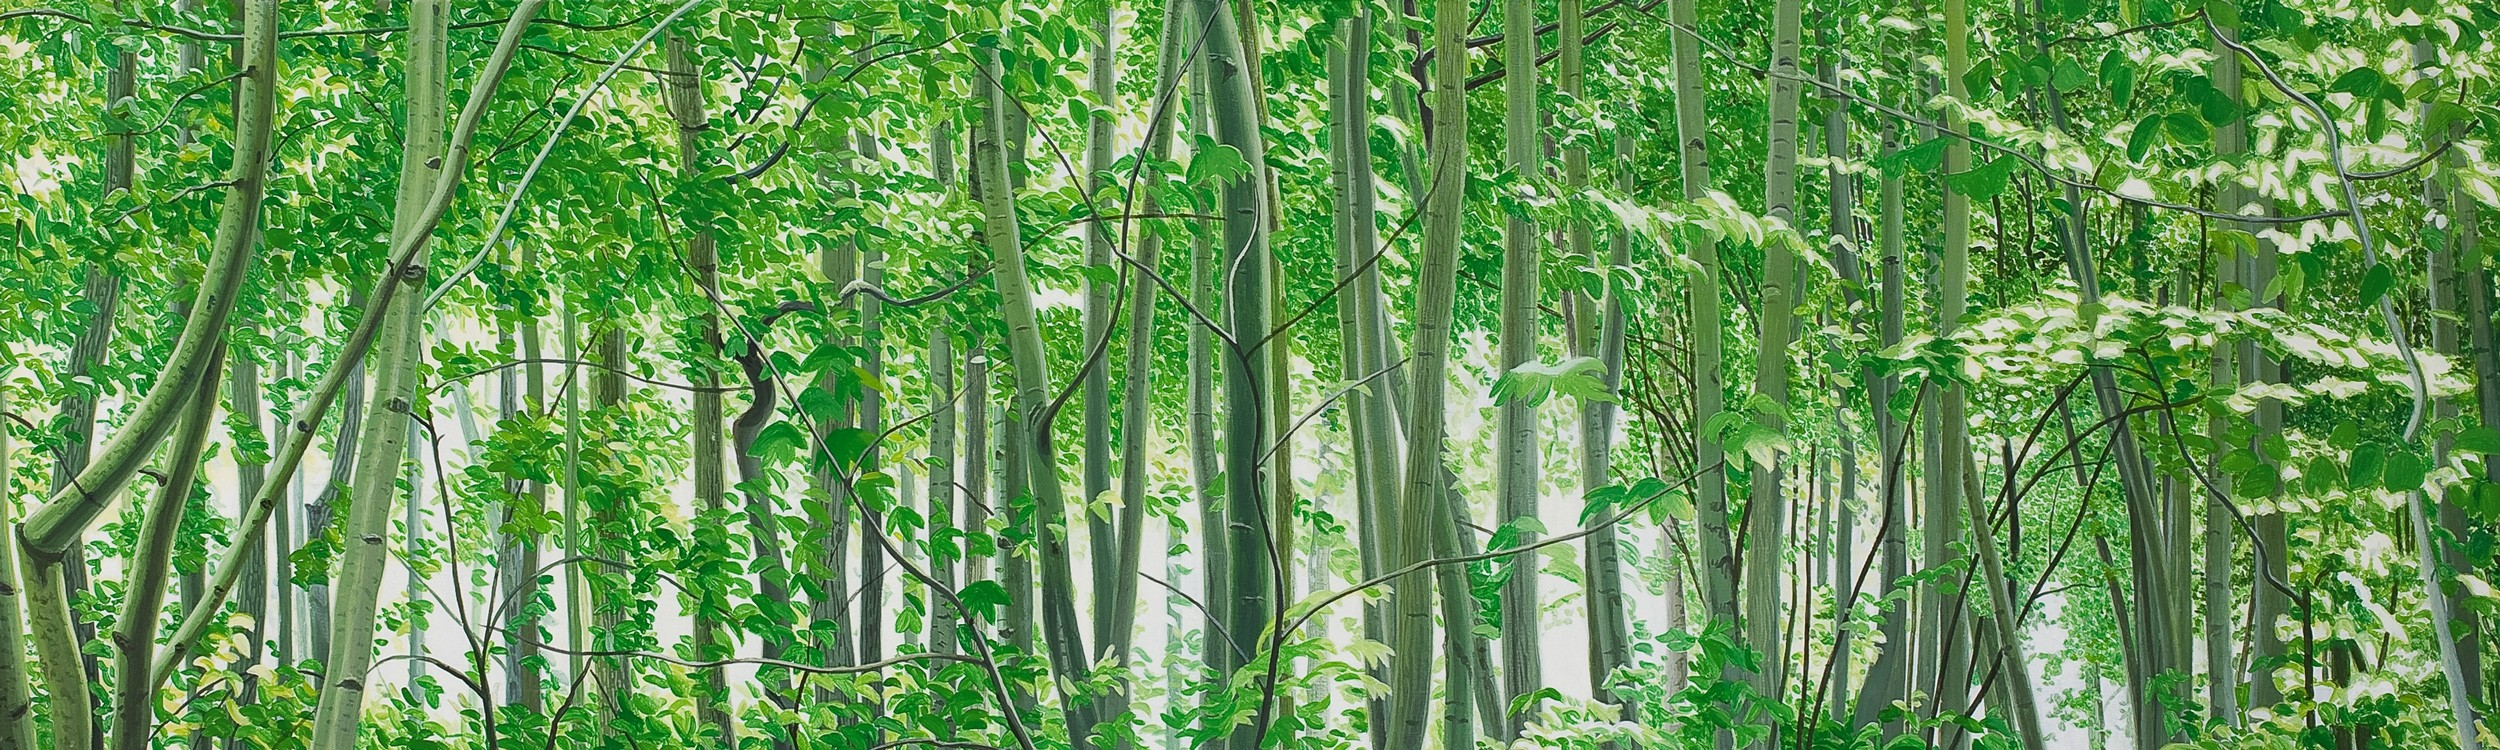 Mythischer Wald | Malerei von Sven Wiebers | Acryl auf Baumwolle, realistisch